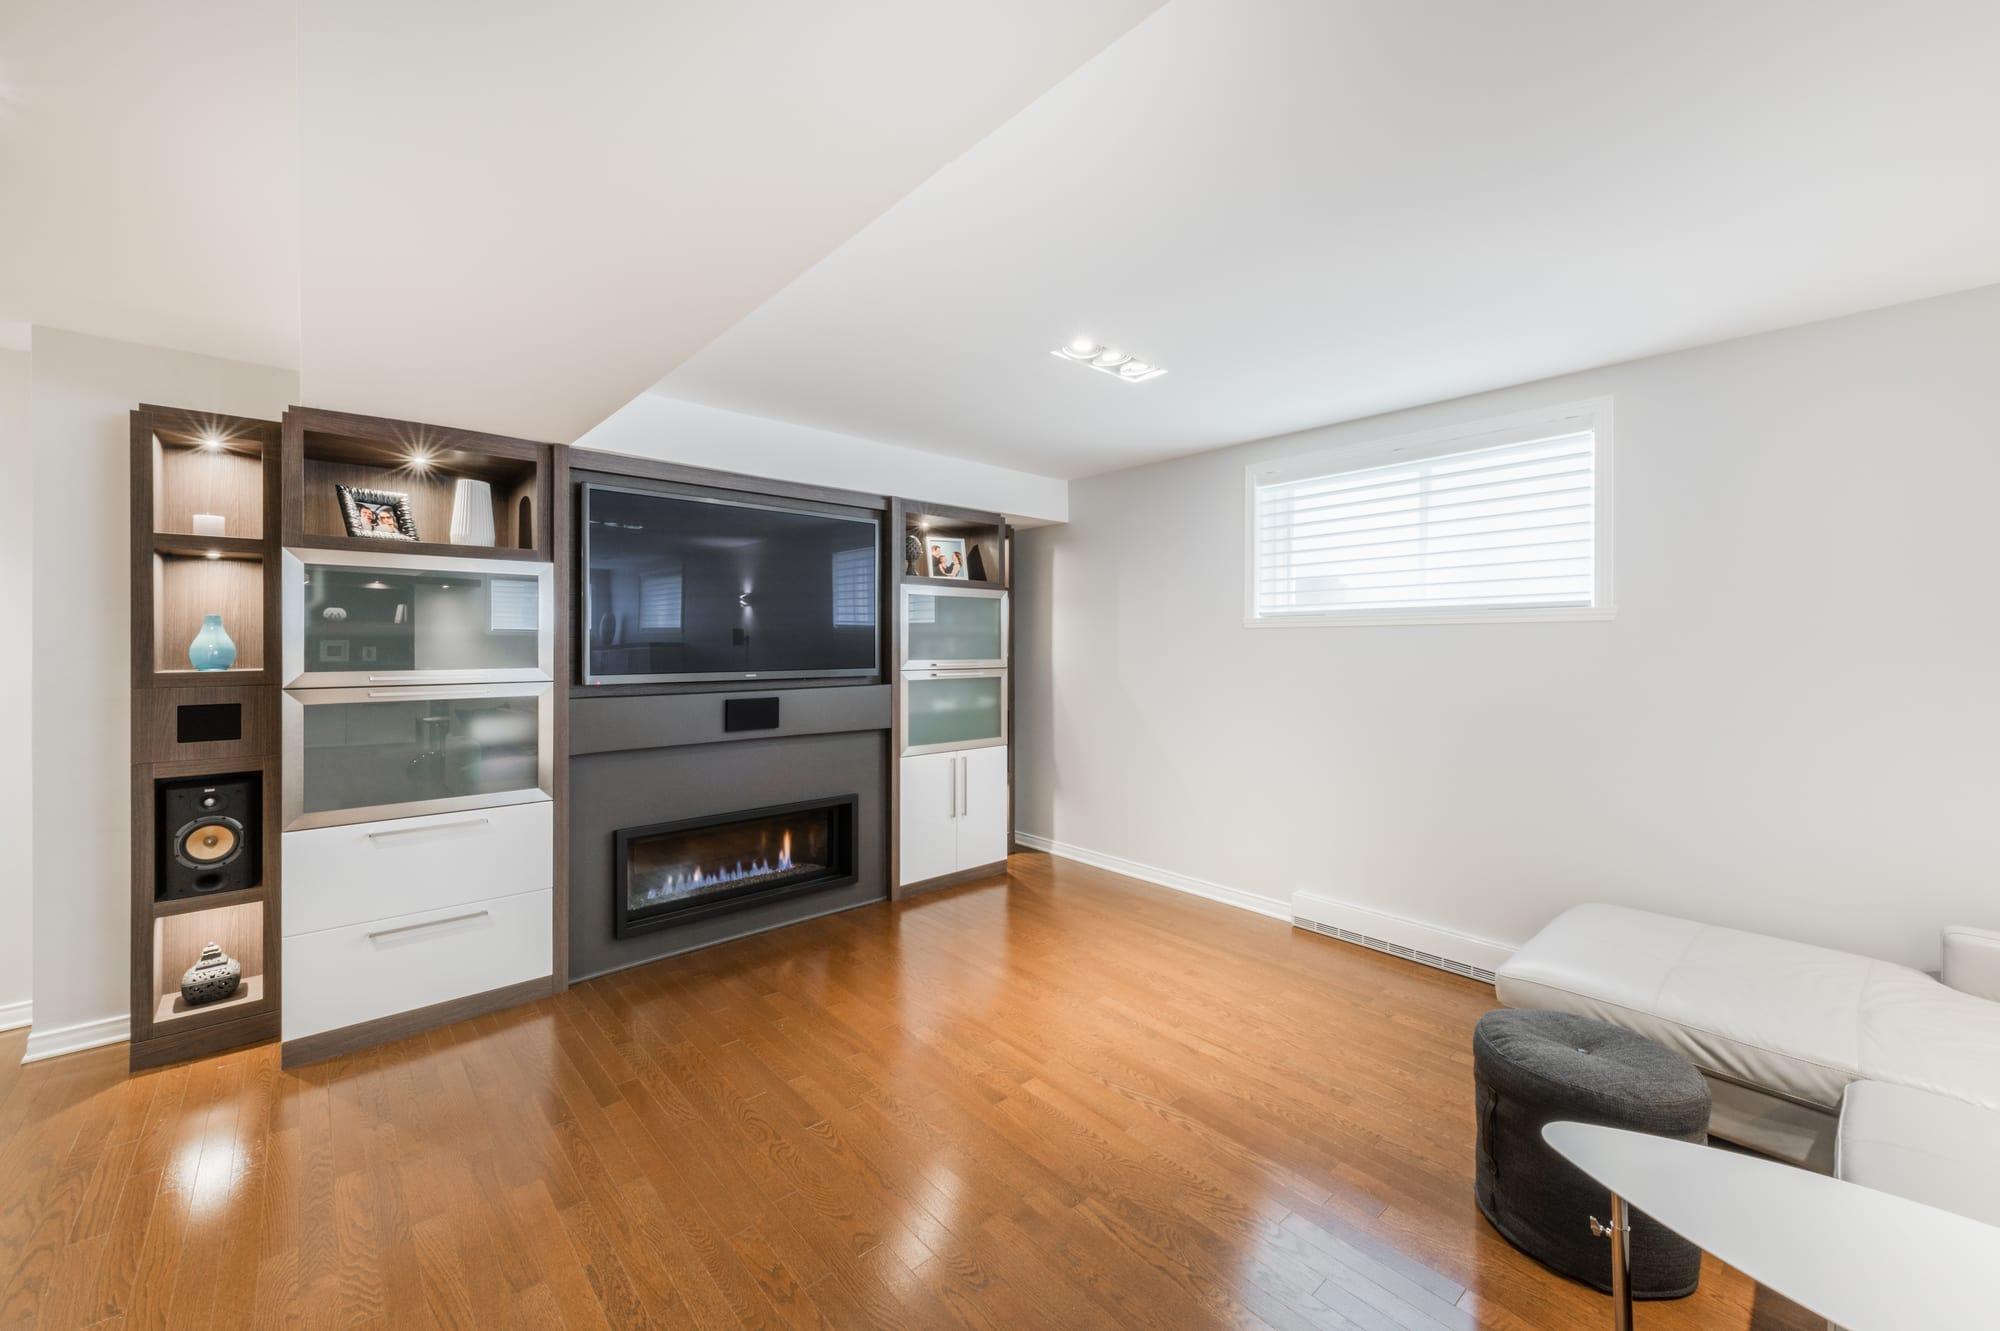 décoration de sous-sol avec meuble de télé fait sur mesure avec foyer au gaz